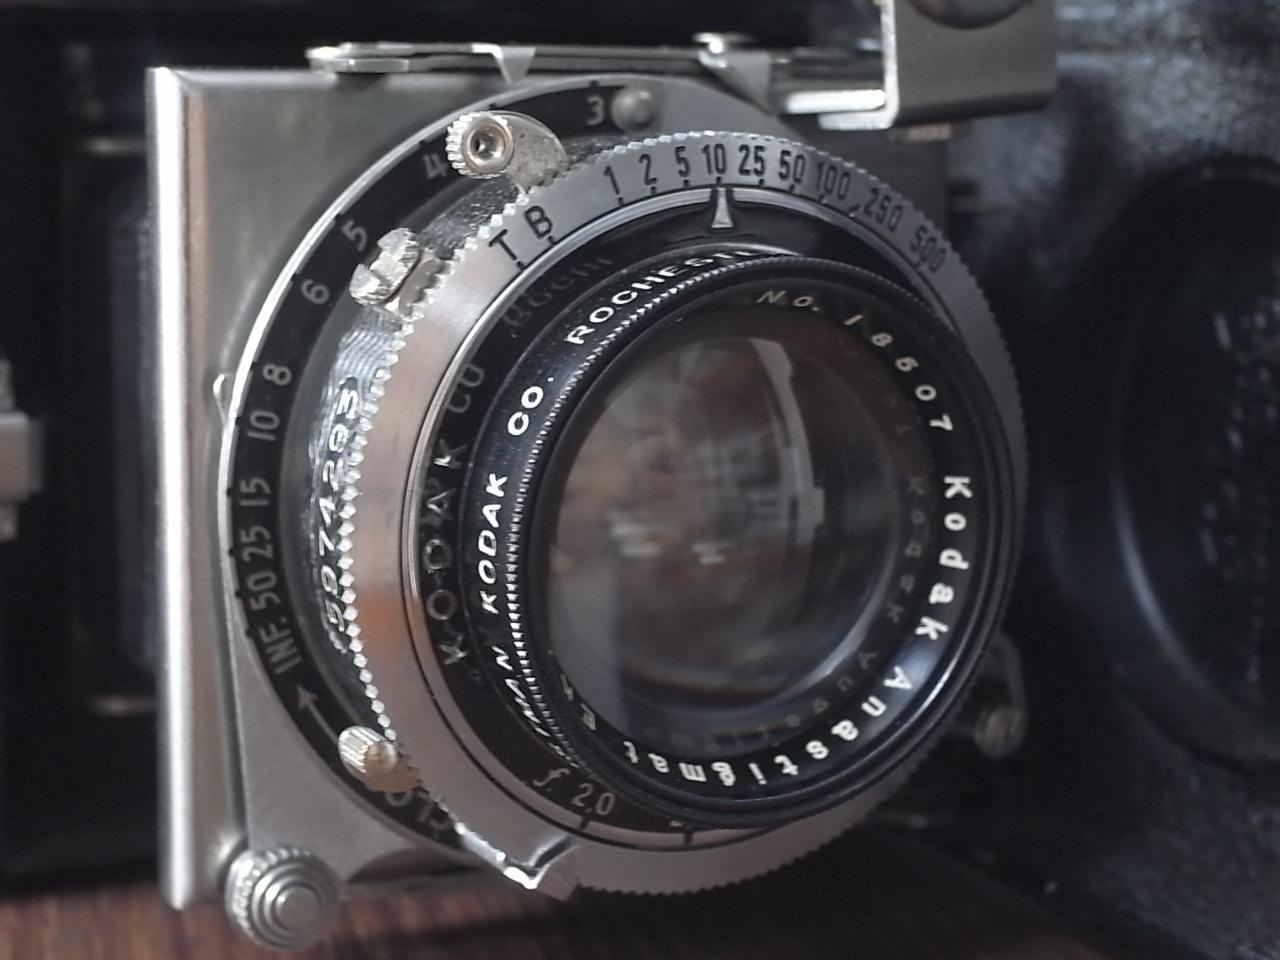 コダック アールデコカメラ バンタムスペシャル(前期)の写真2枚目